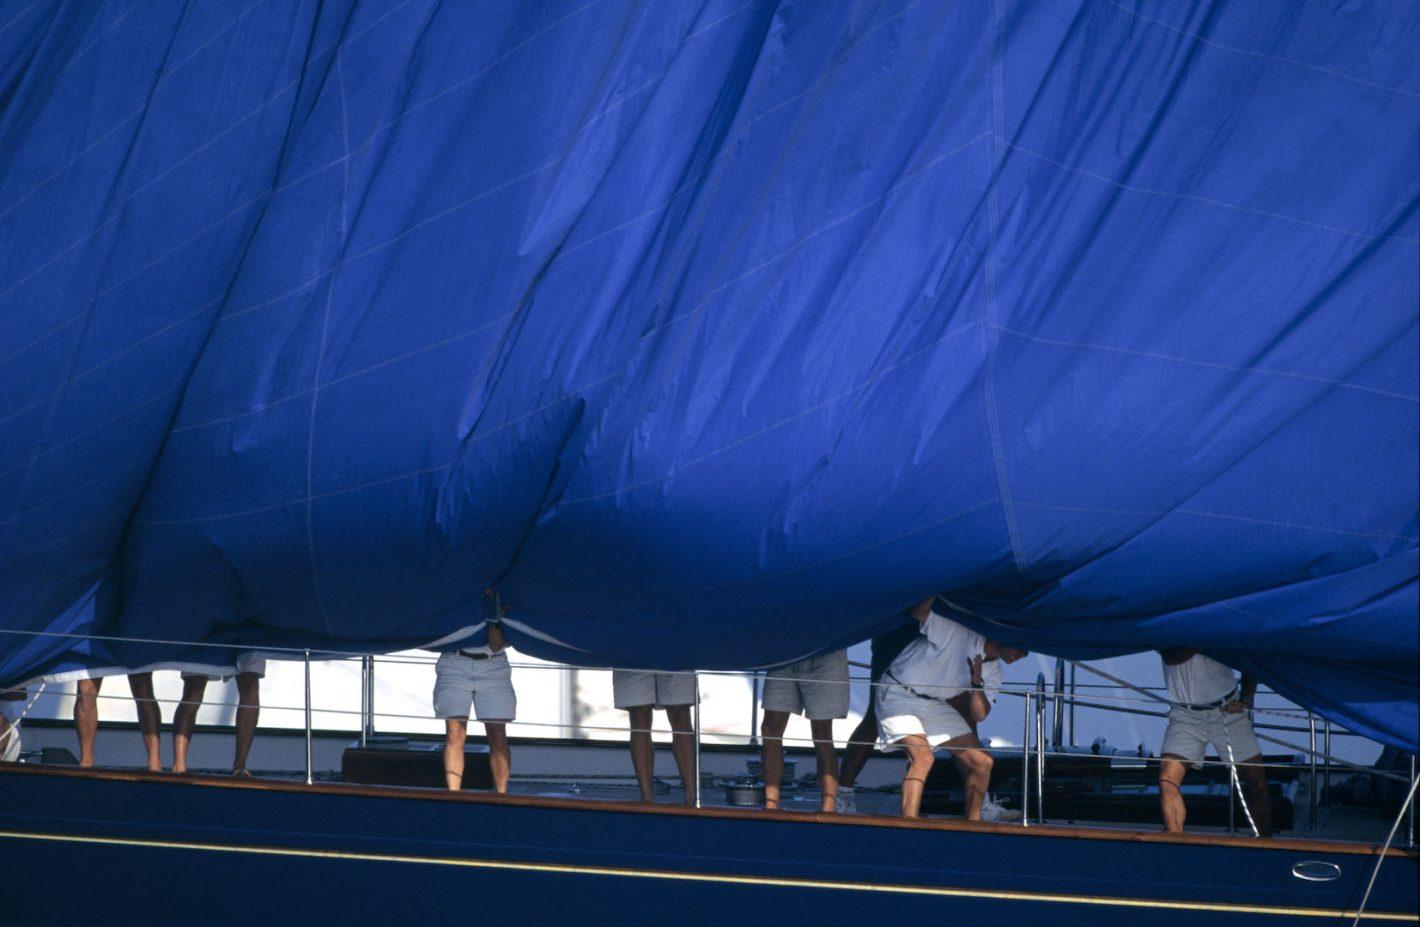 St-Tropez - Nioularge - Affalage d'un spi sur un voilier classique - Nikon F3